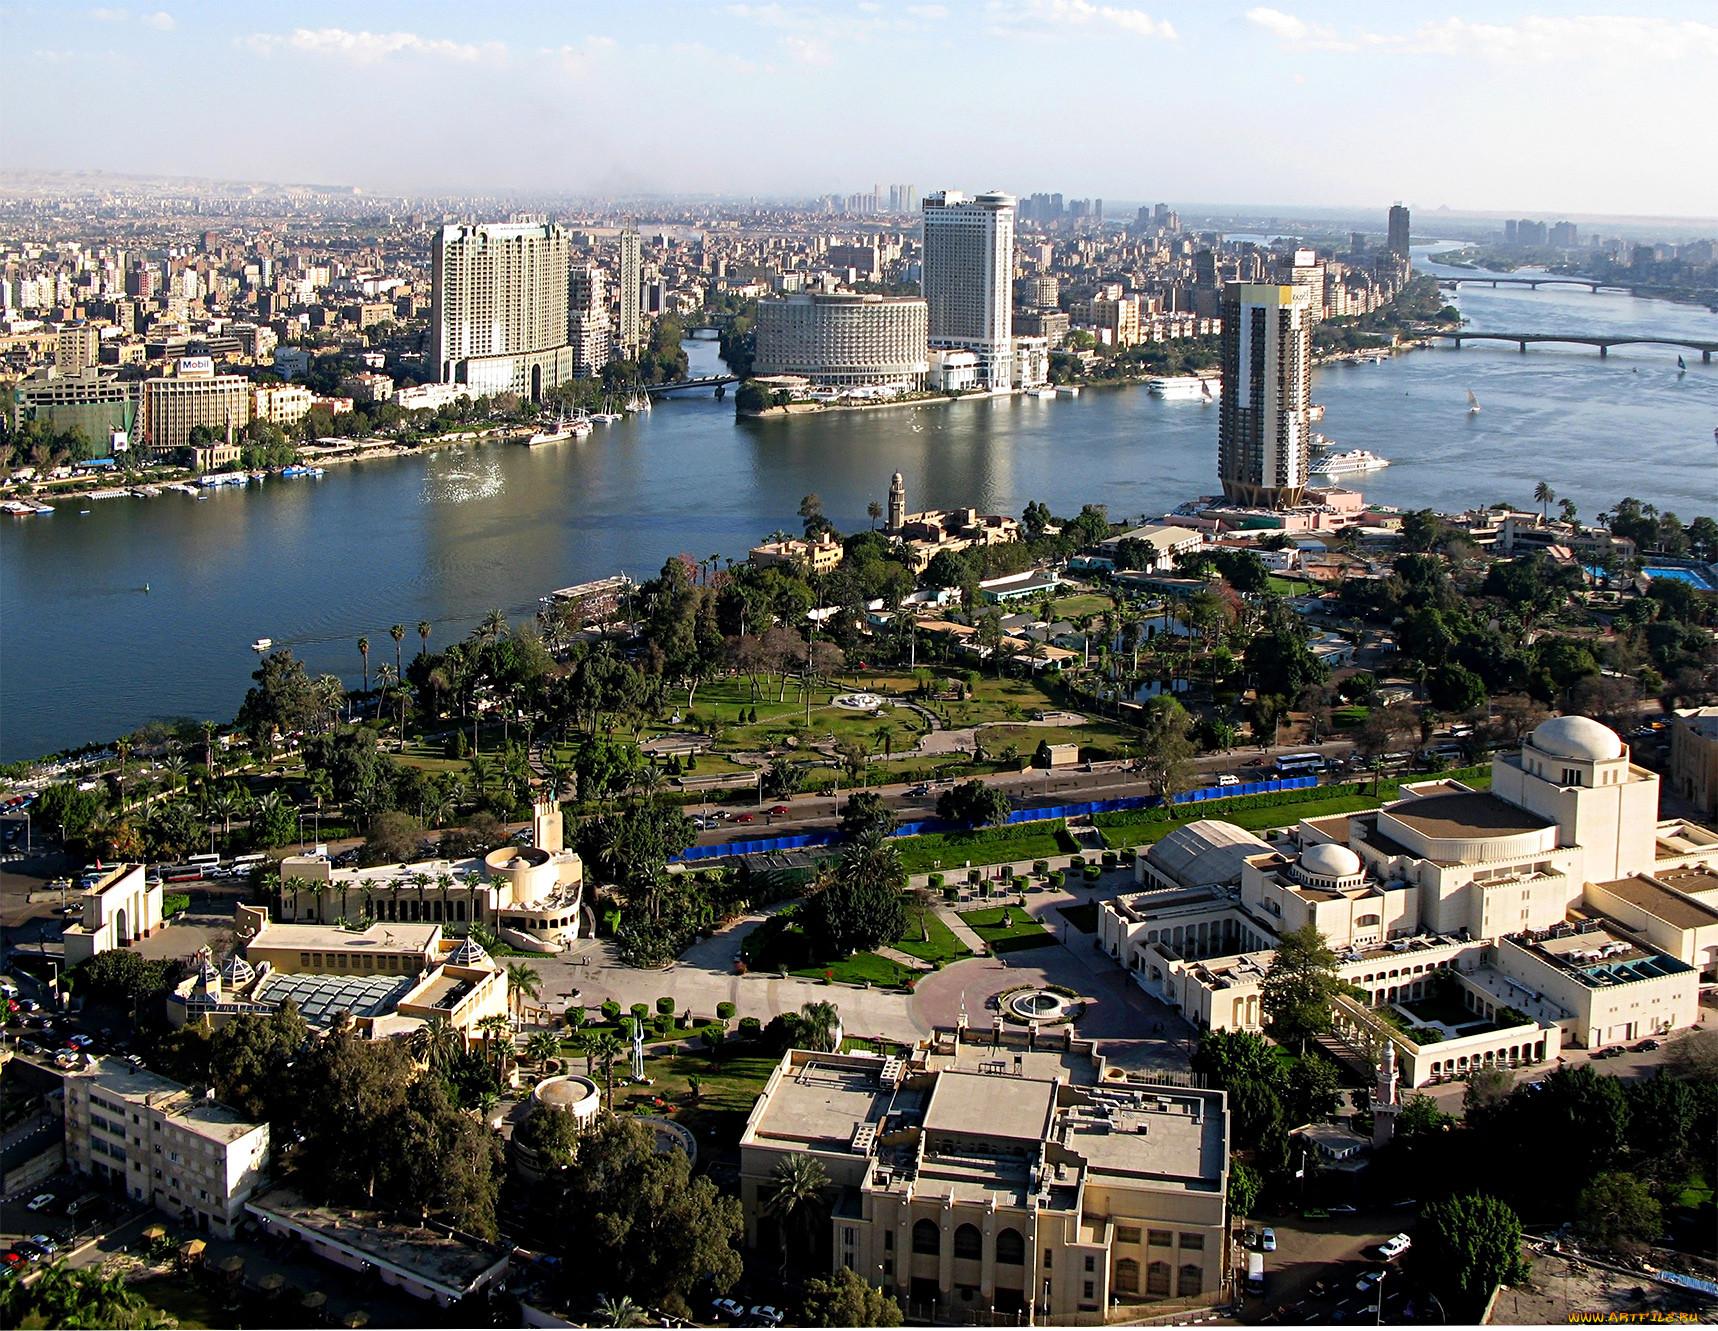 египет каир фото города фотографии